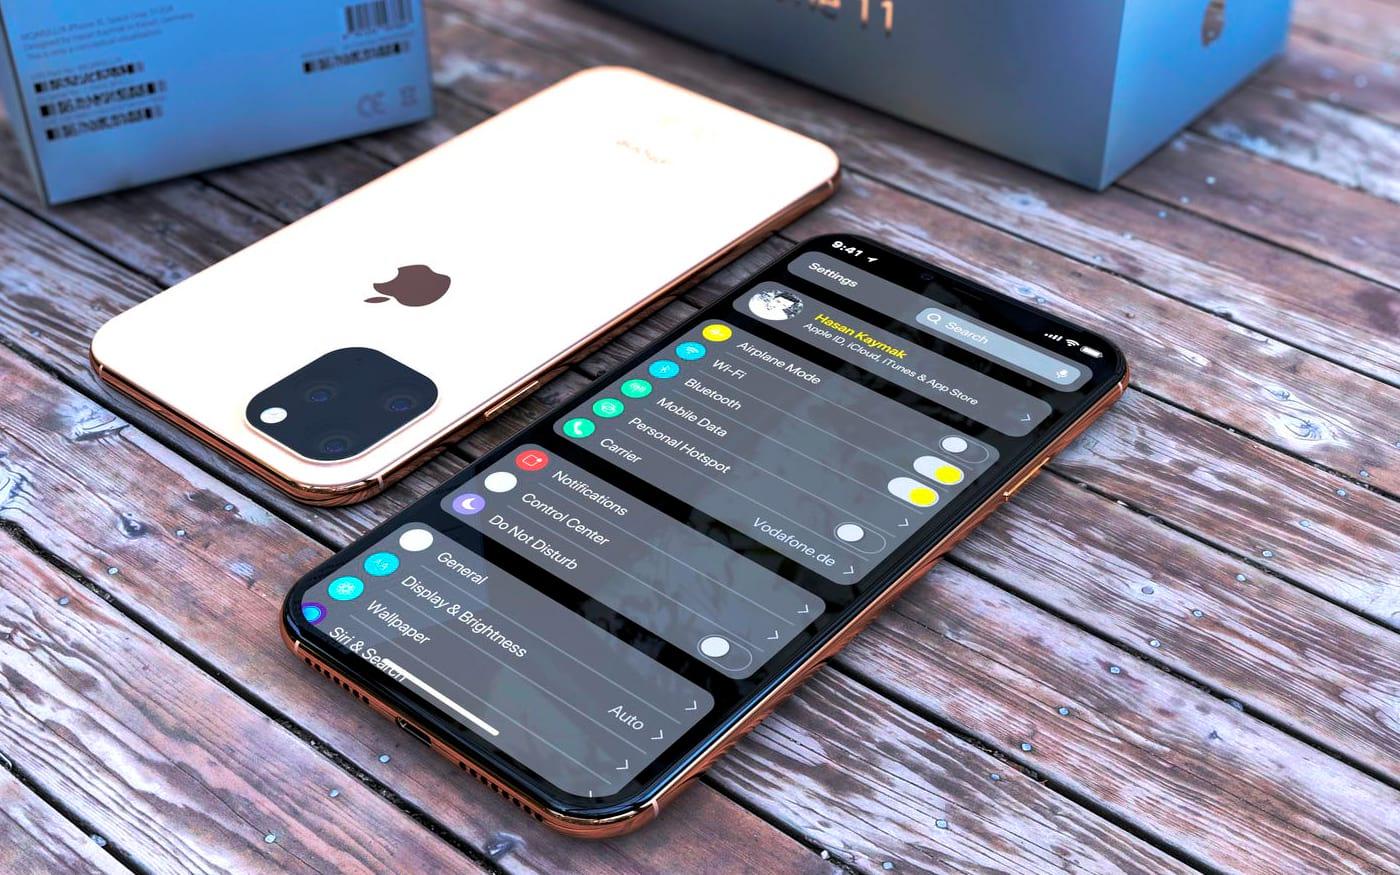 Vazam fotos das cases dos iPhone XI, iPhone XIR e iPhone XI Max